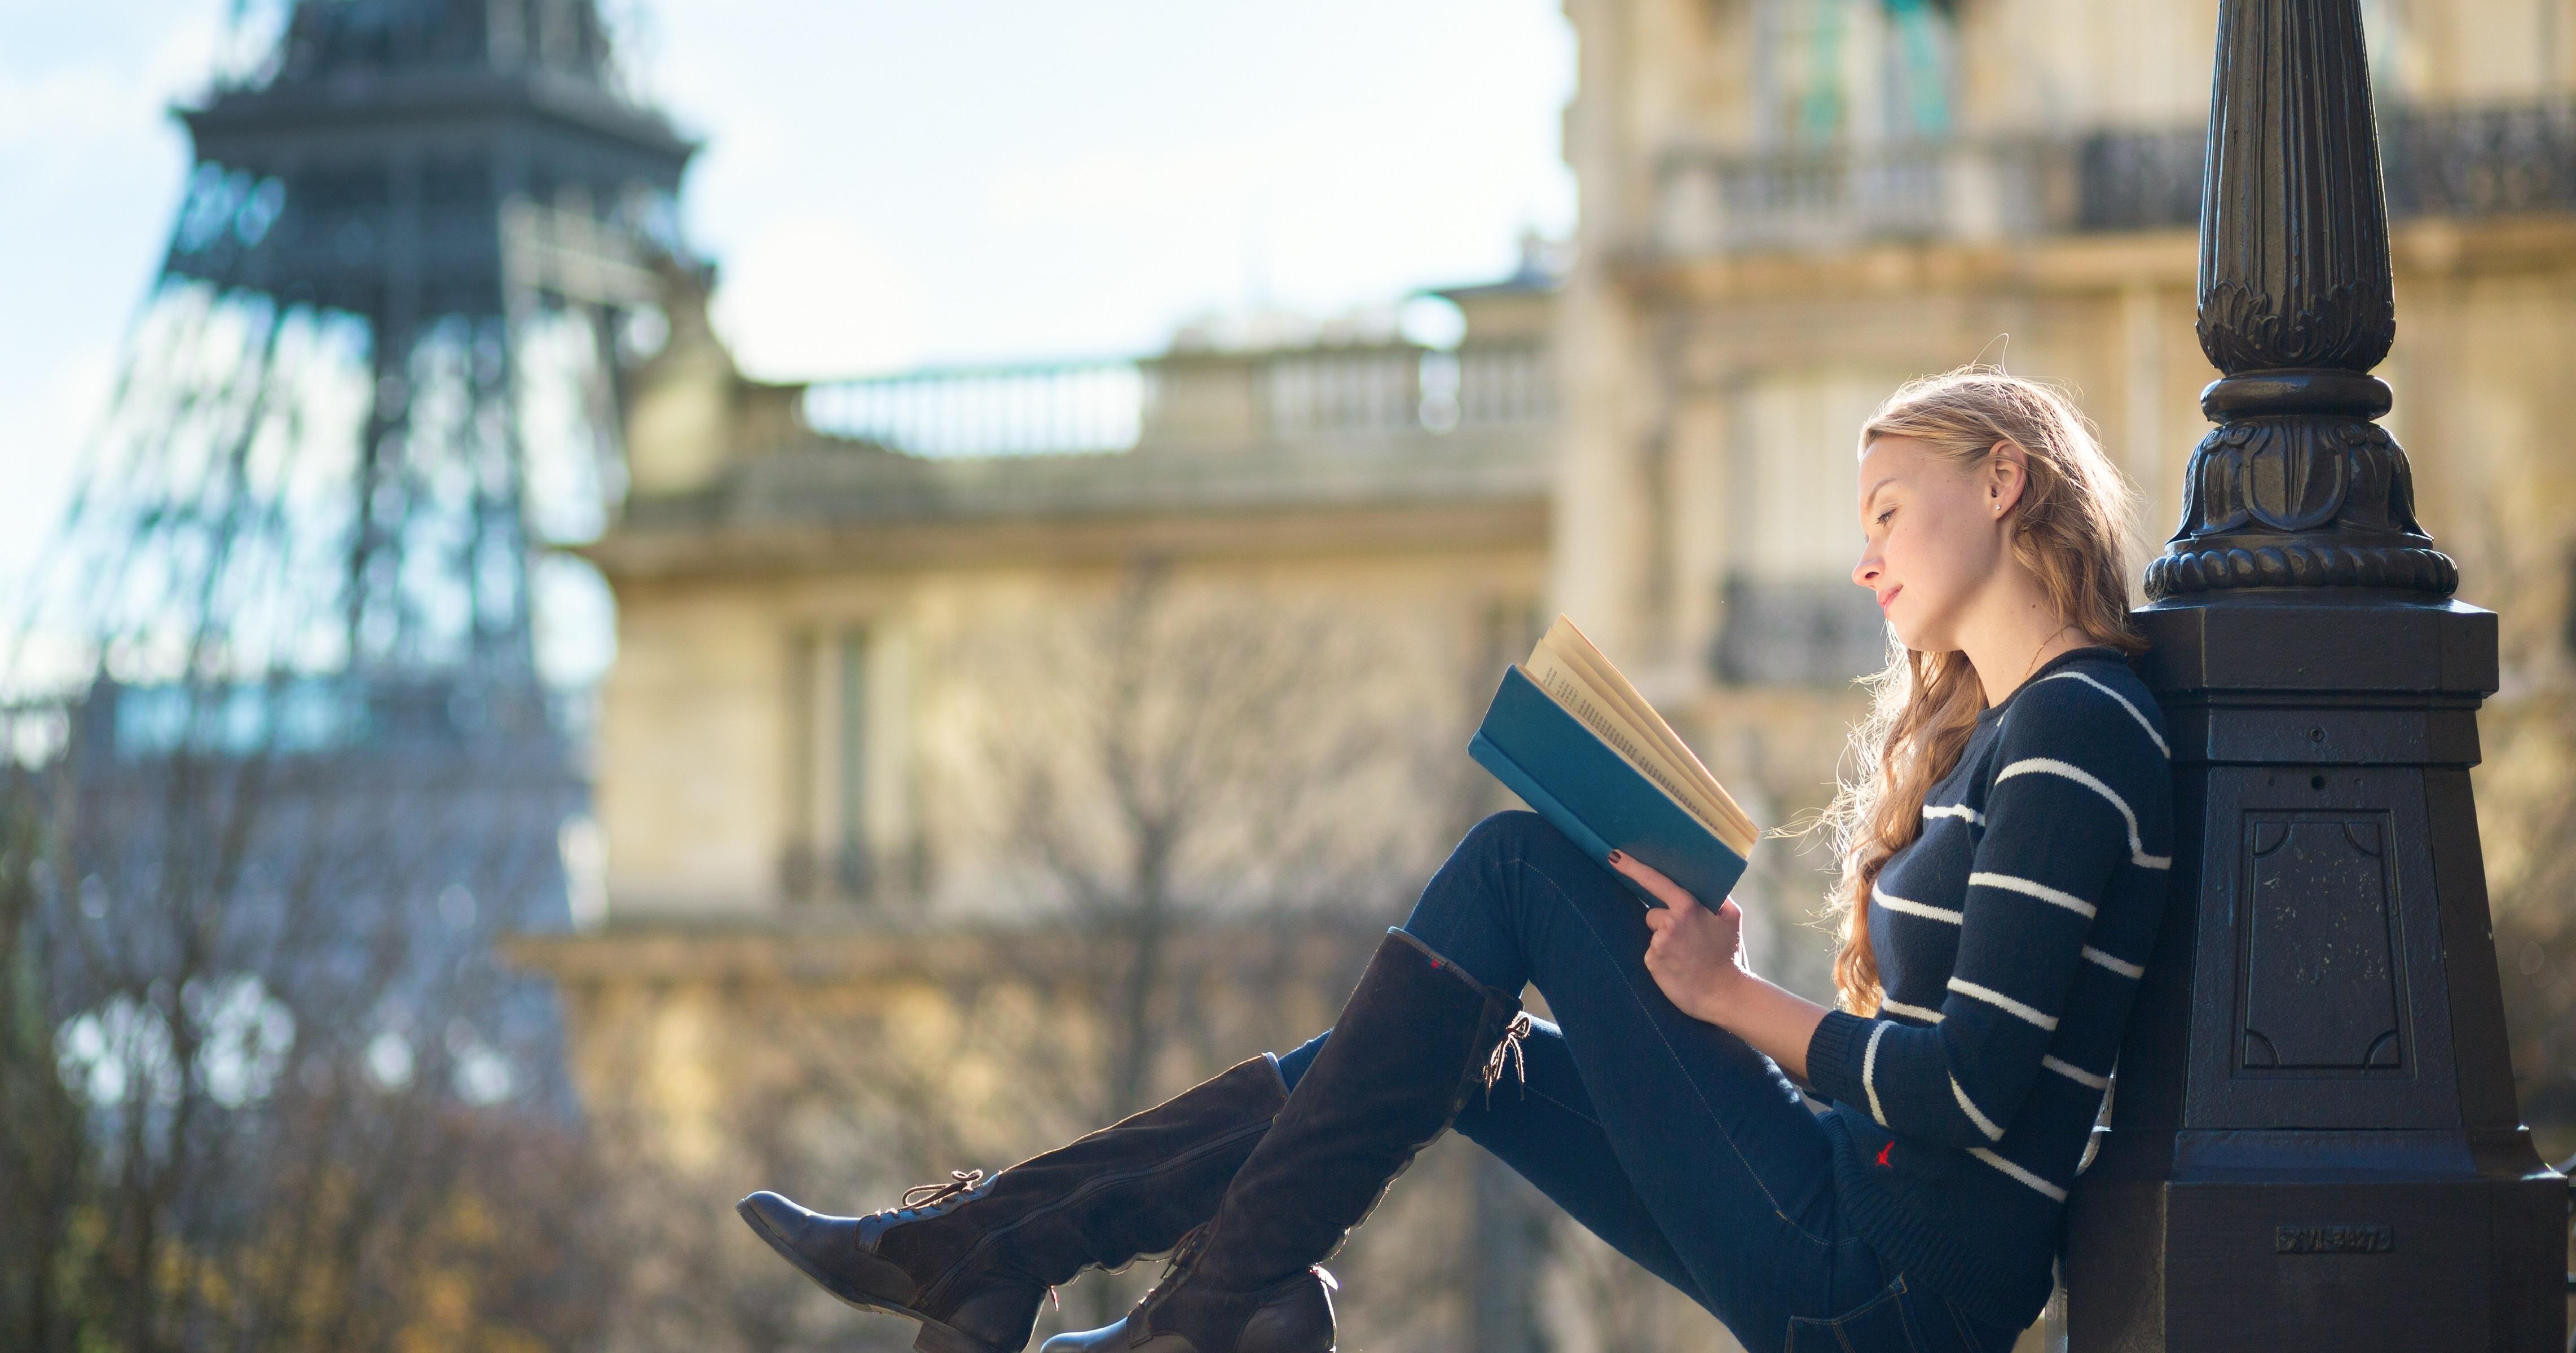 قابل توجه کلیه دانشجویان و مهندسان علاقه مند به تحصیل در فرانسه